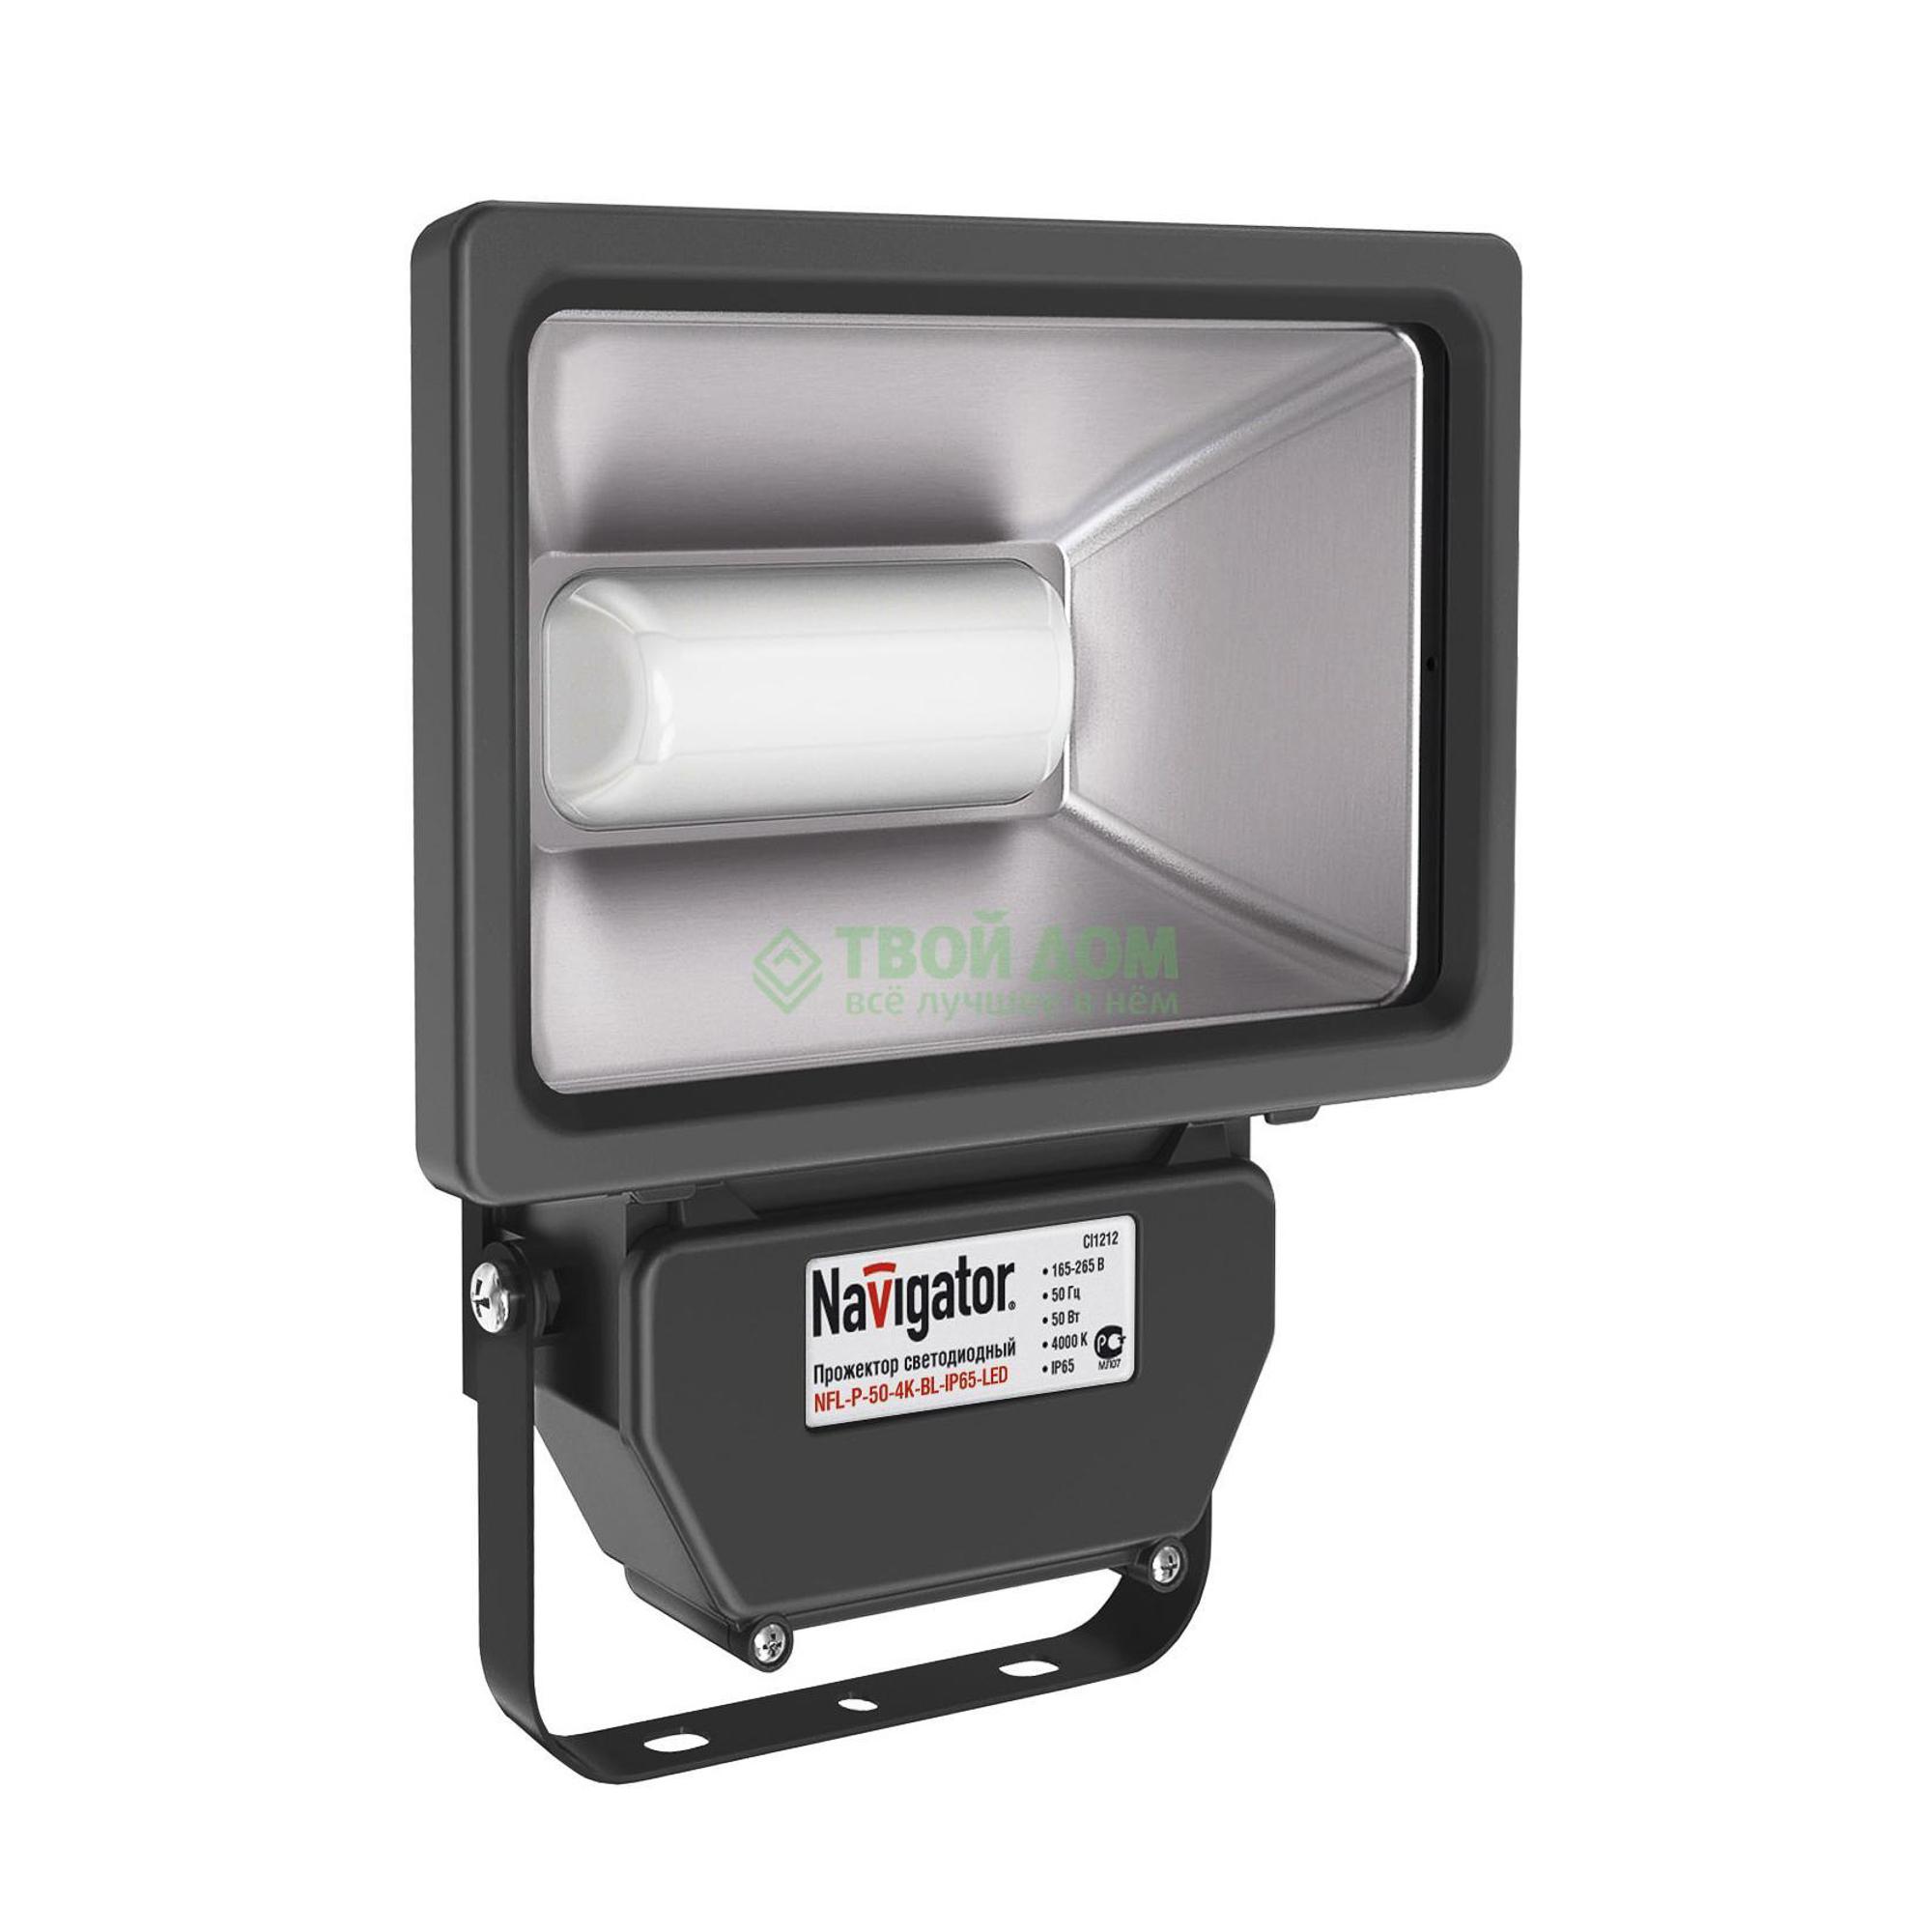 Прожектор Navigator led nfl-p-50-4k-bl-i фото